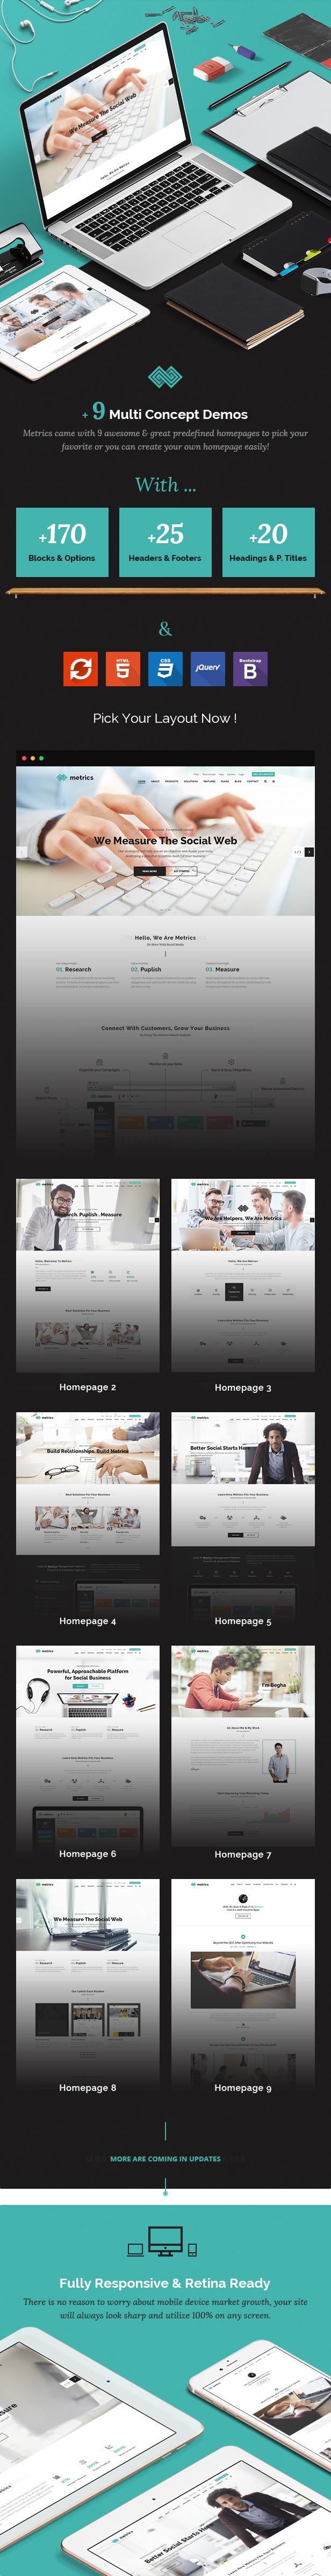 SEO, Digital Marketing, Social Media